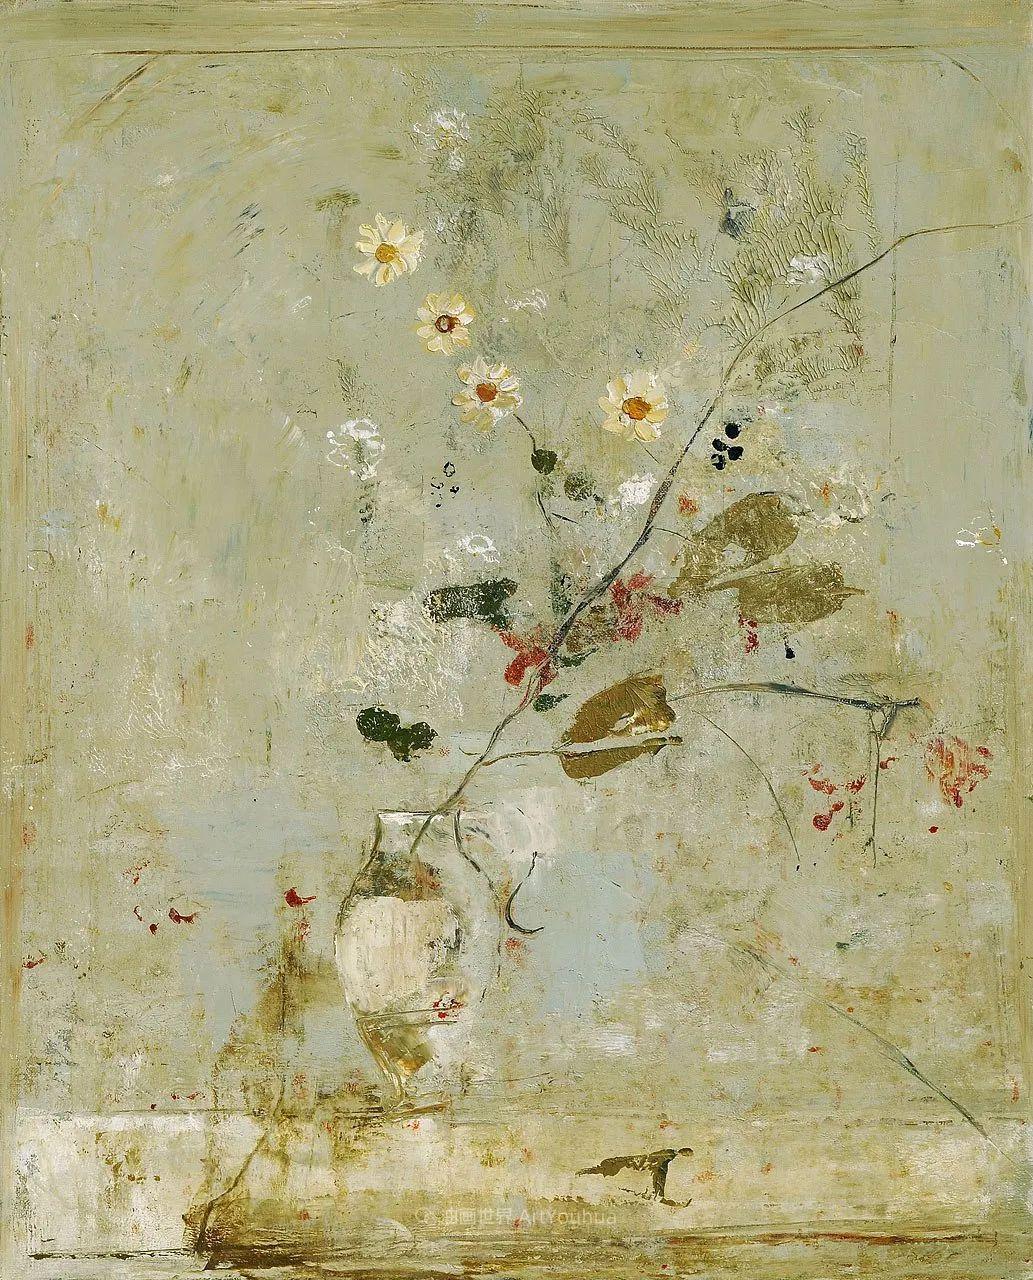 她从古代壁画中汲取灵感,但作品有一种非常现代、神秘的感觉!插图101